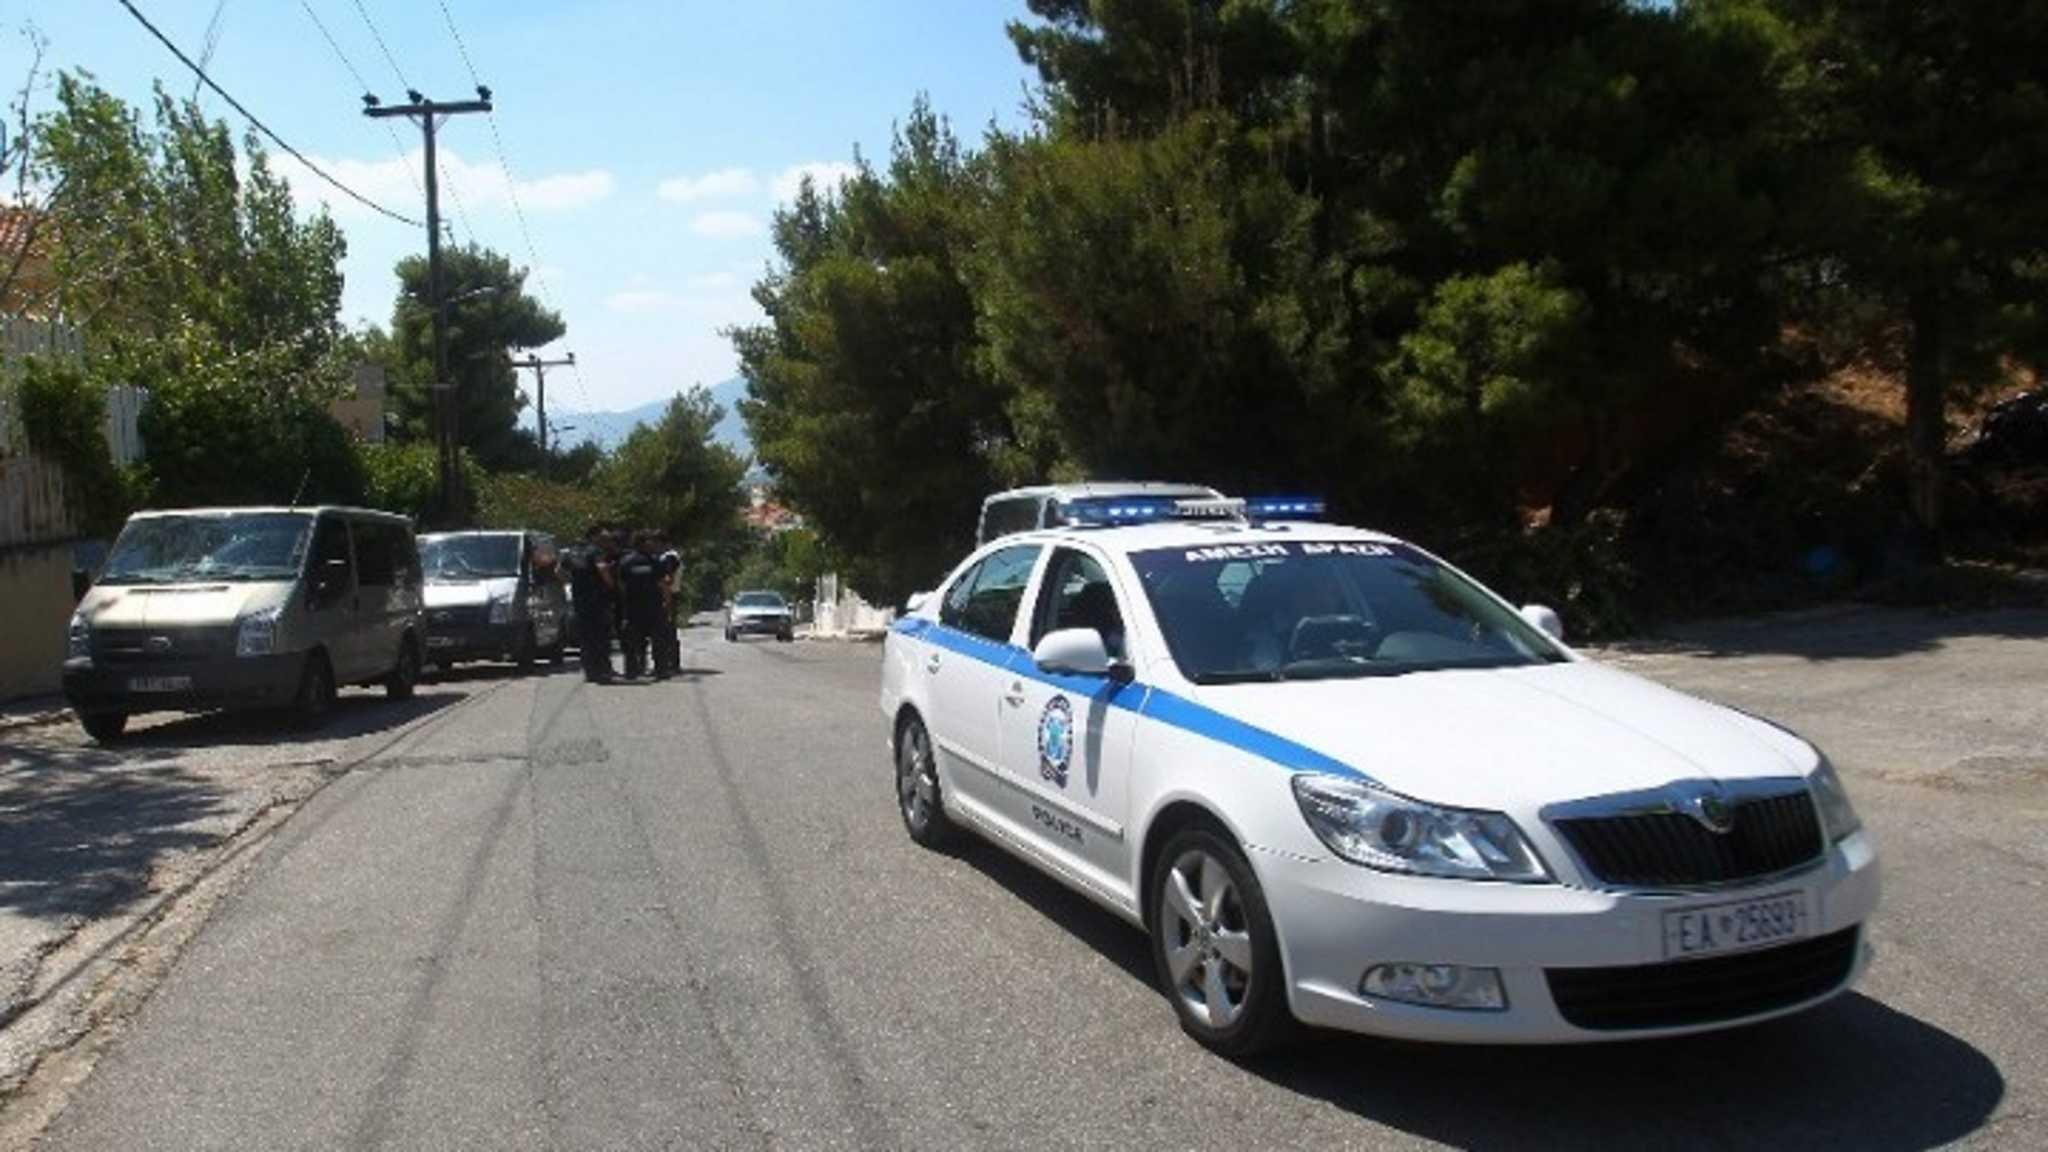 Λαμία: Τον χτύπησαν και του άρπαξαν το κινητό – Περαστικοί έπιασαν τους δράστες